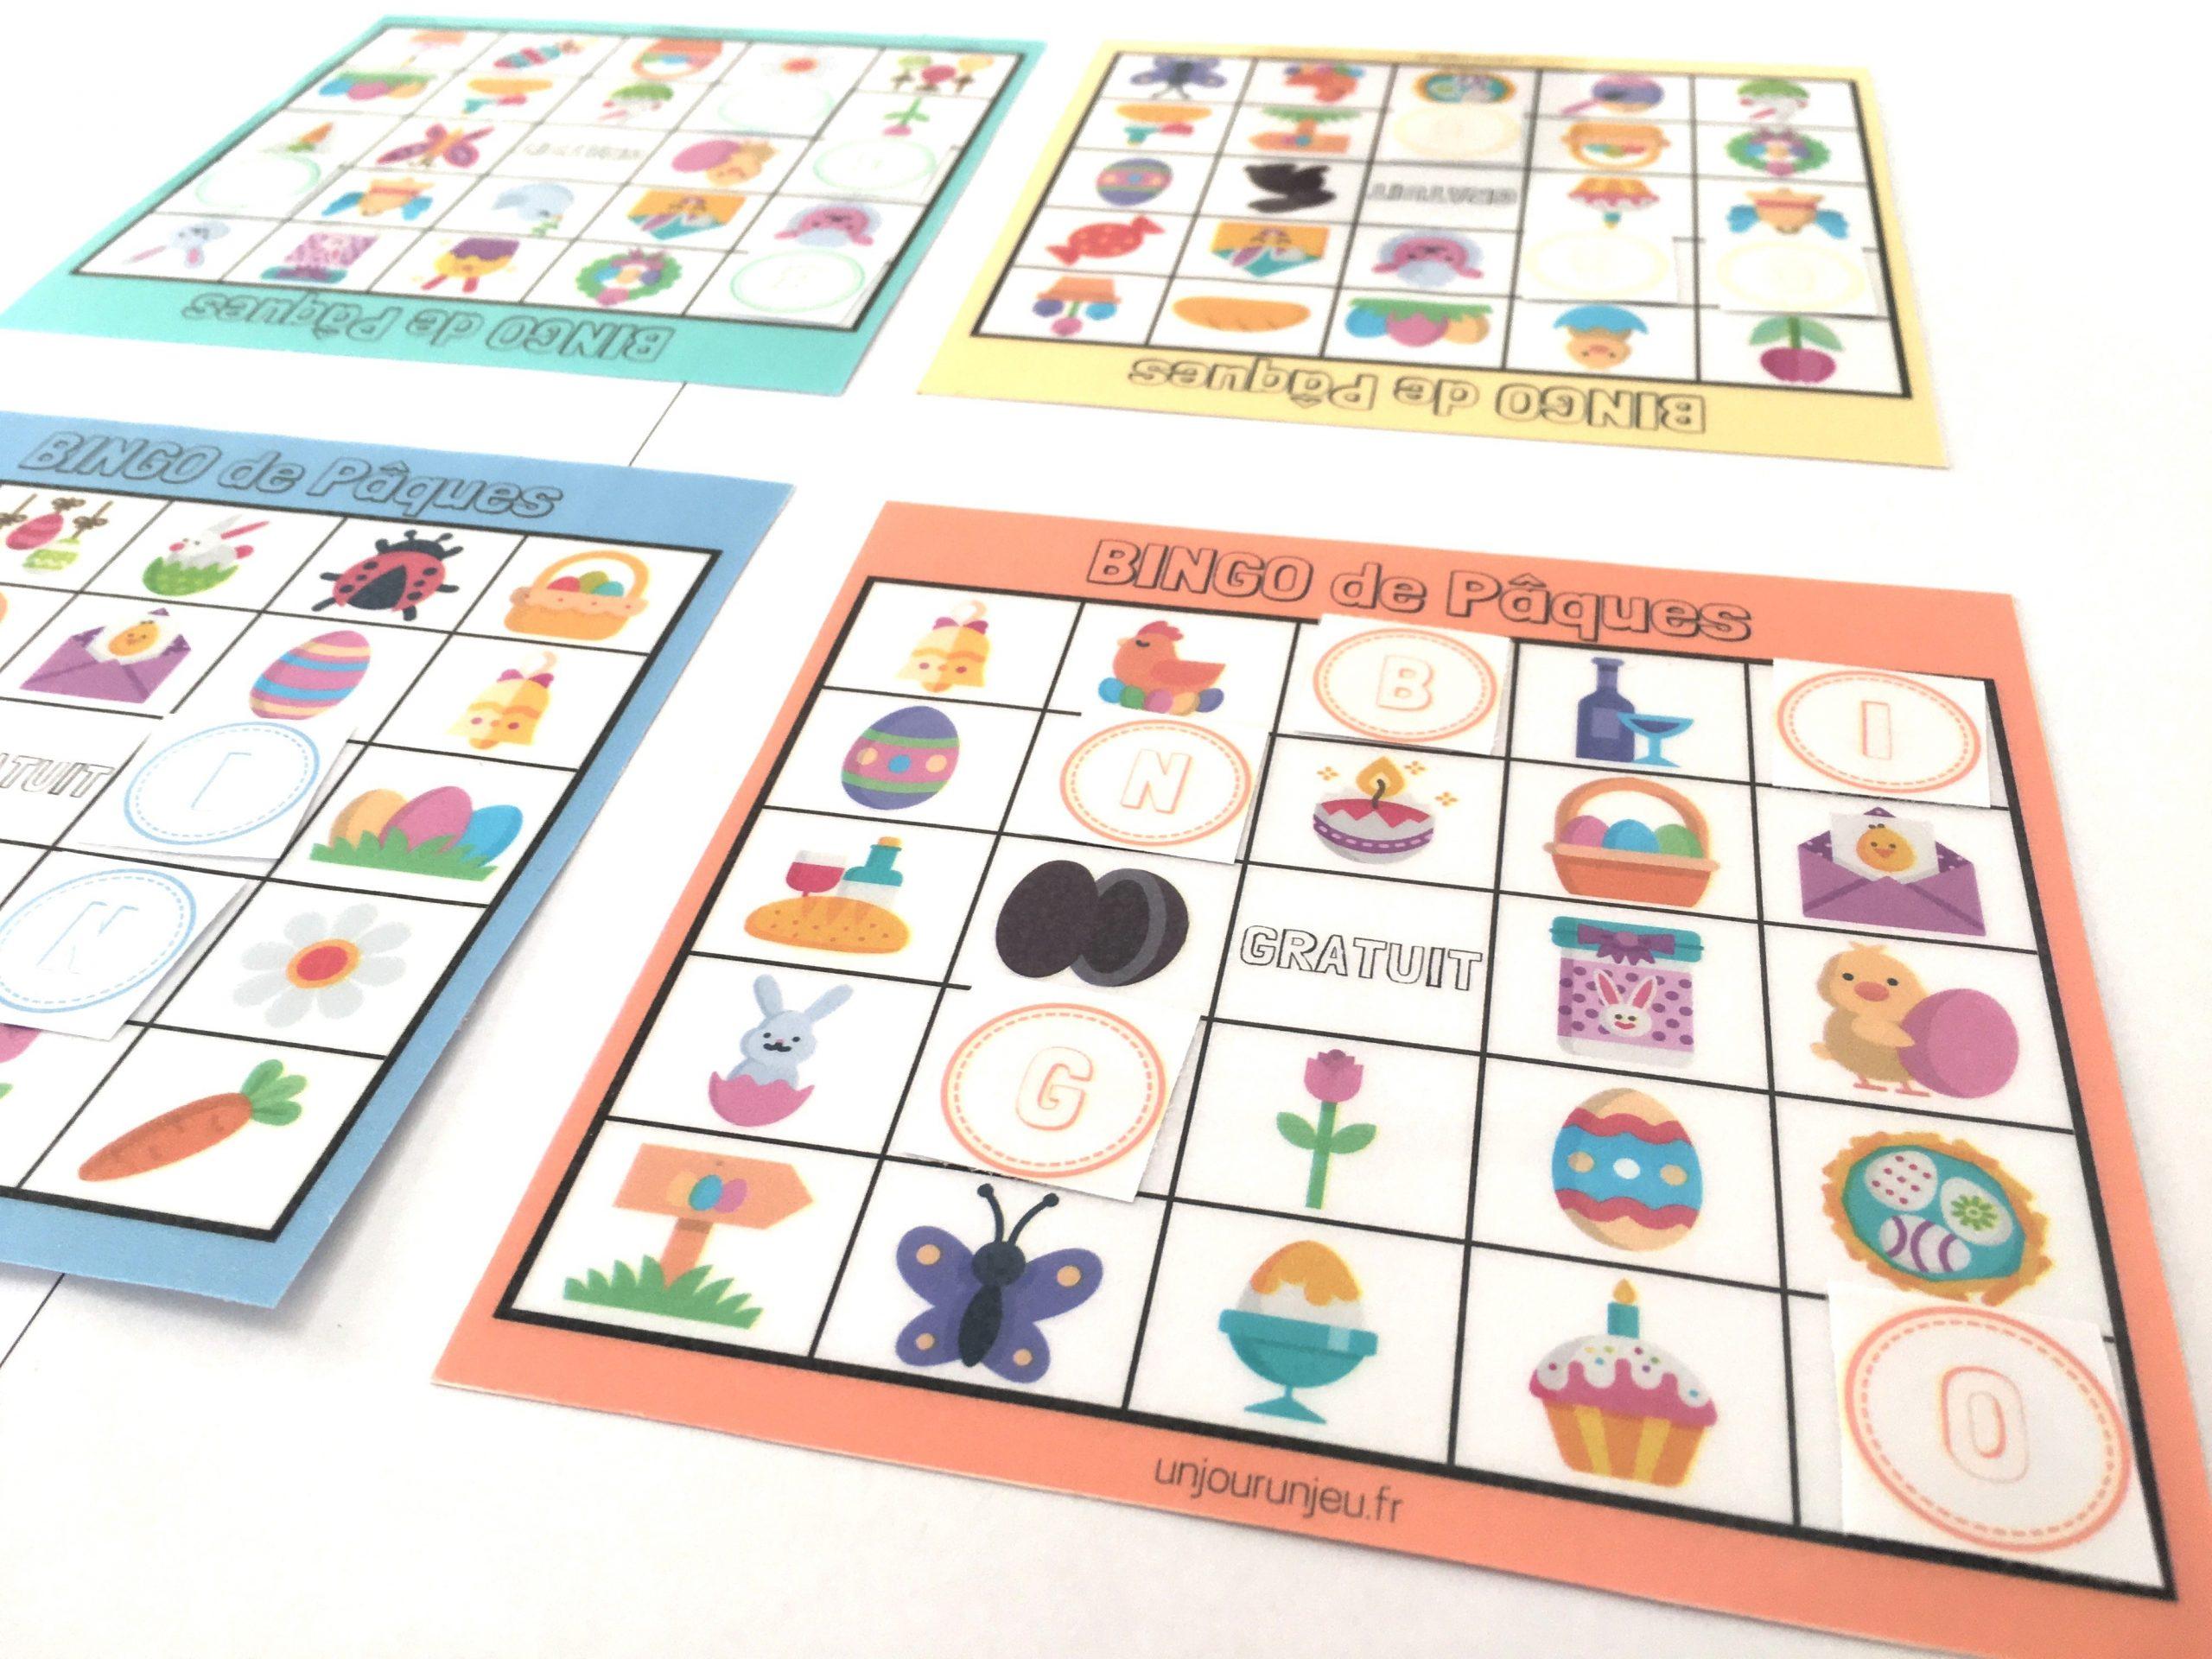 Jeu Et Activités De Pâques : Un Bingo À Télécharger Gratuitement intérieur Jeux Rigolos Gratuits